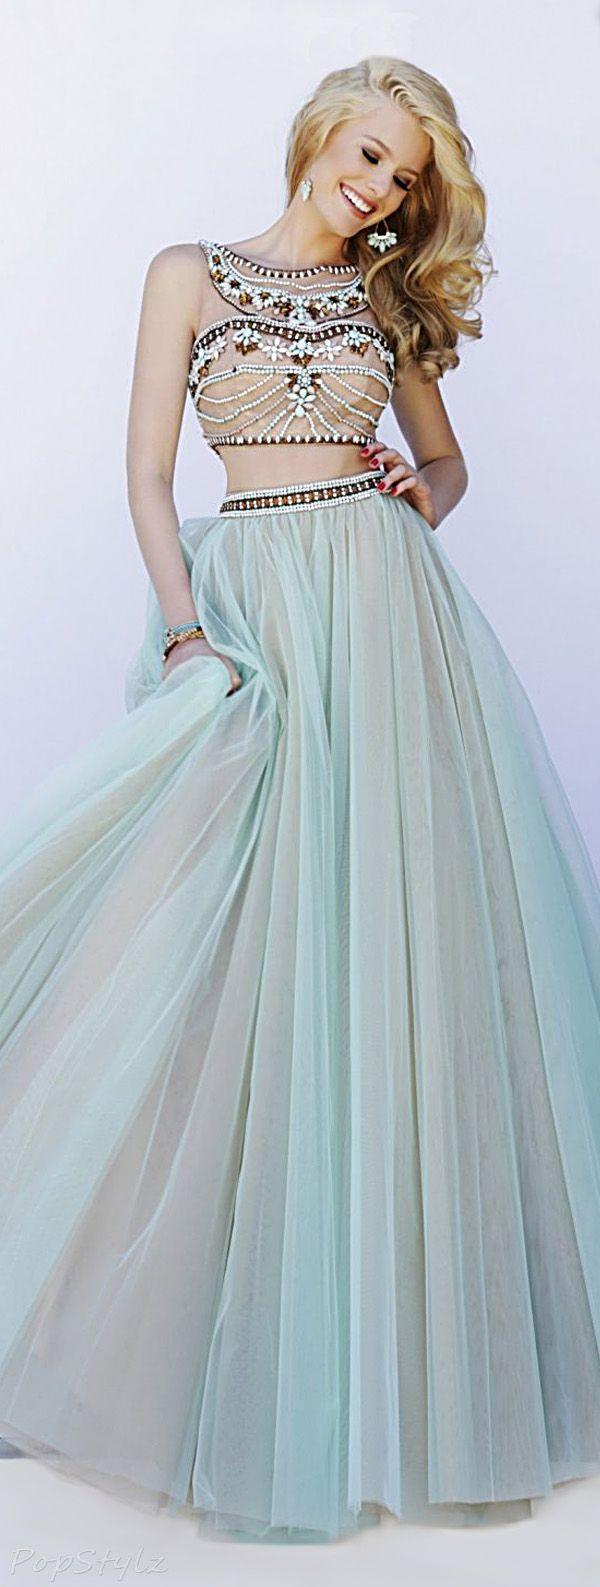 rochii de ocazie, potrivite pentru nunta, botez sau de petrecere